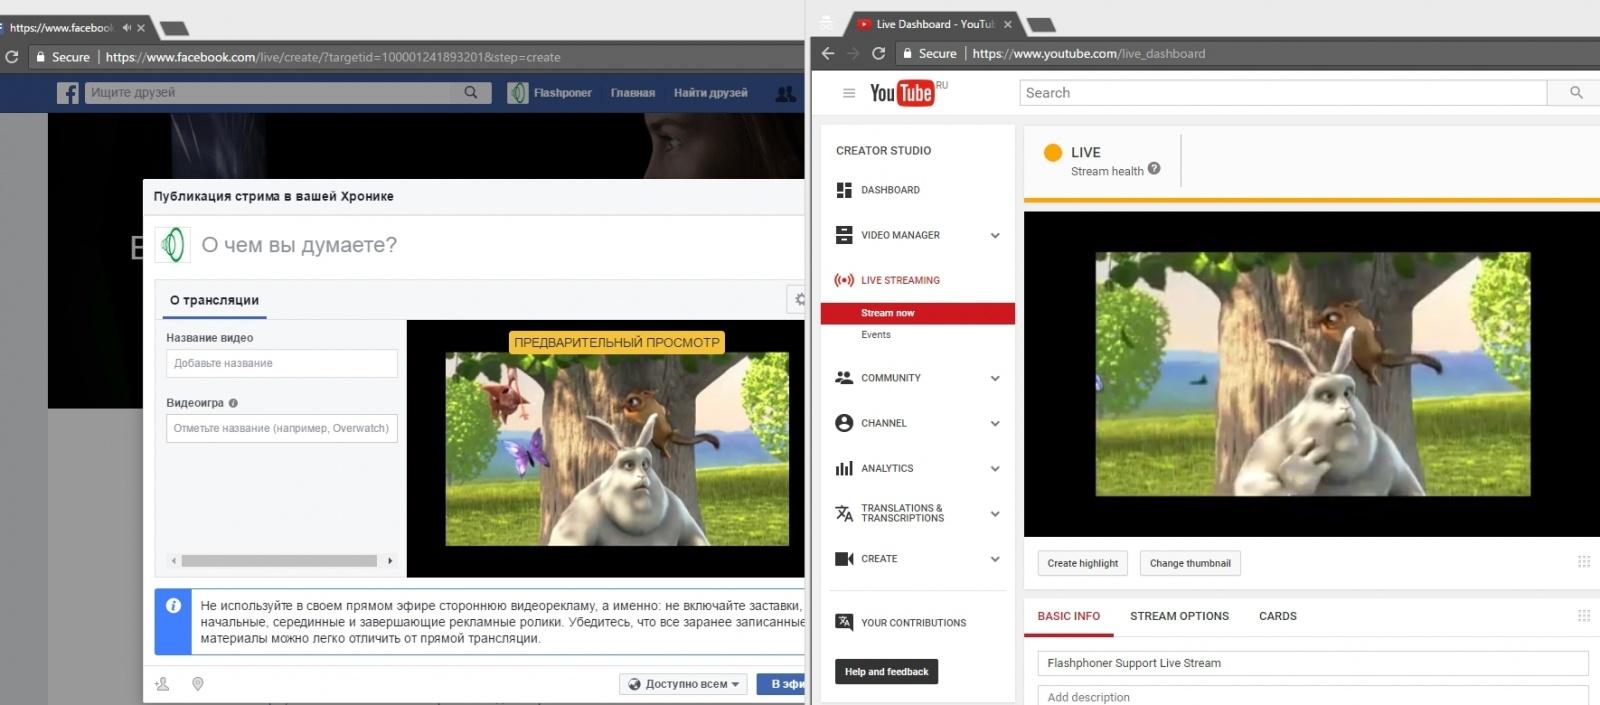 Транслируем видеопоток с веб-страницы по WebRTC на Facebook и YouTube одновременно - 15